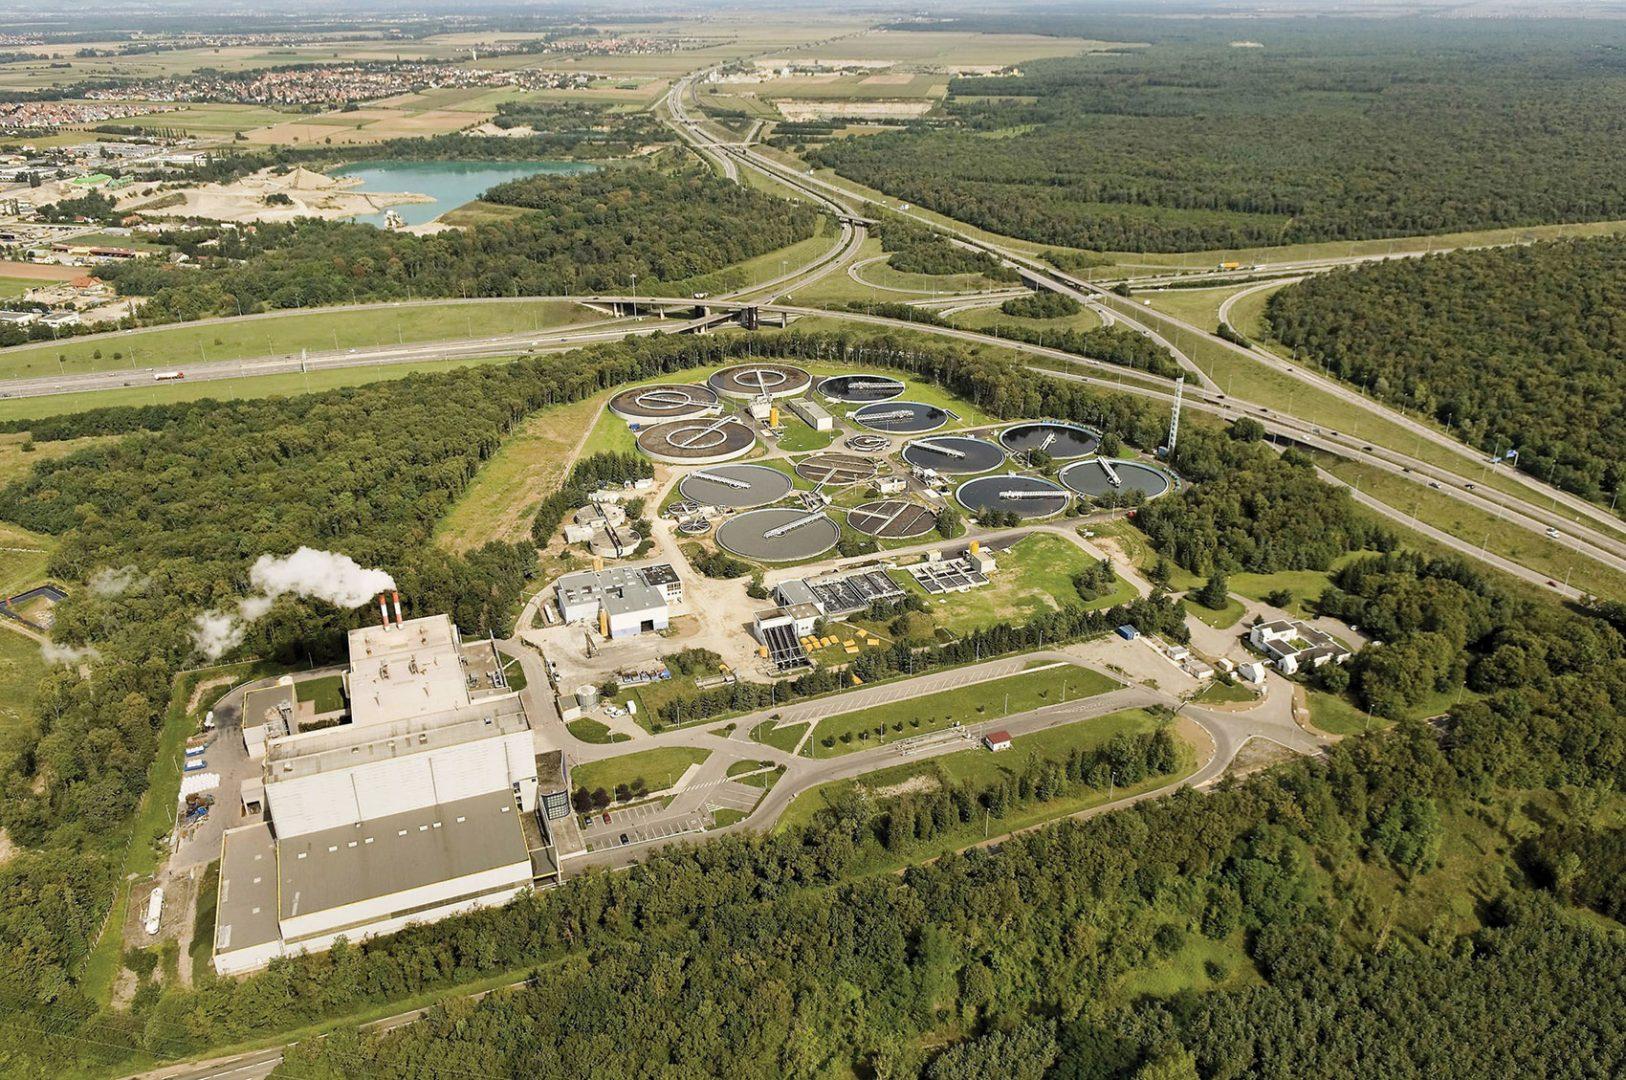 Implantée à Sausheim et exploitée par Suez, l'usine de valorisation énergétique a incinéré 151 000 tonnes en 2017, dont 64 000 d'ordures ménagères de l'agglomération mulhousienne.